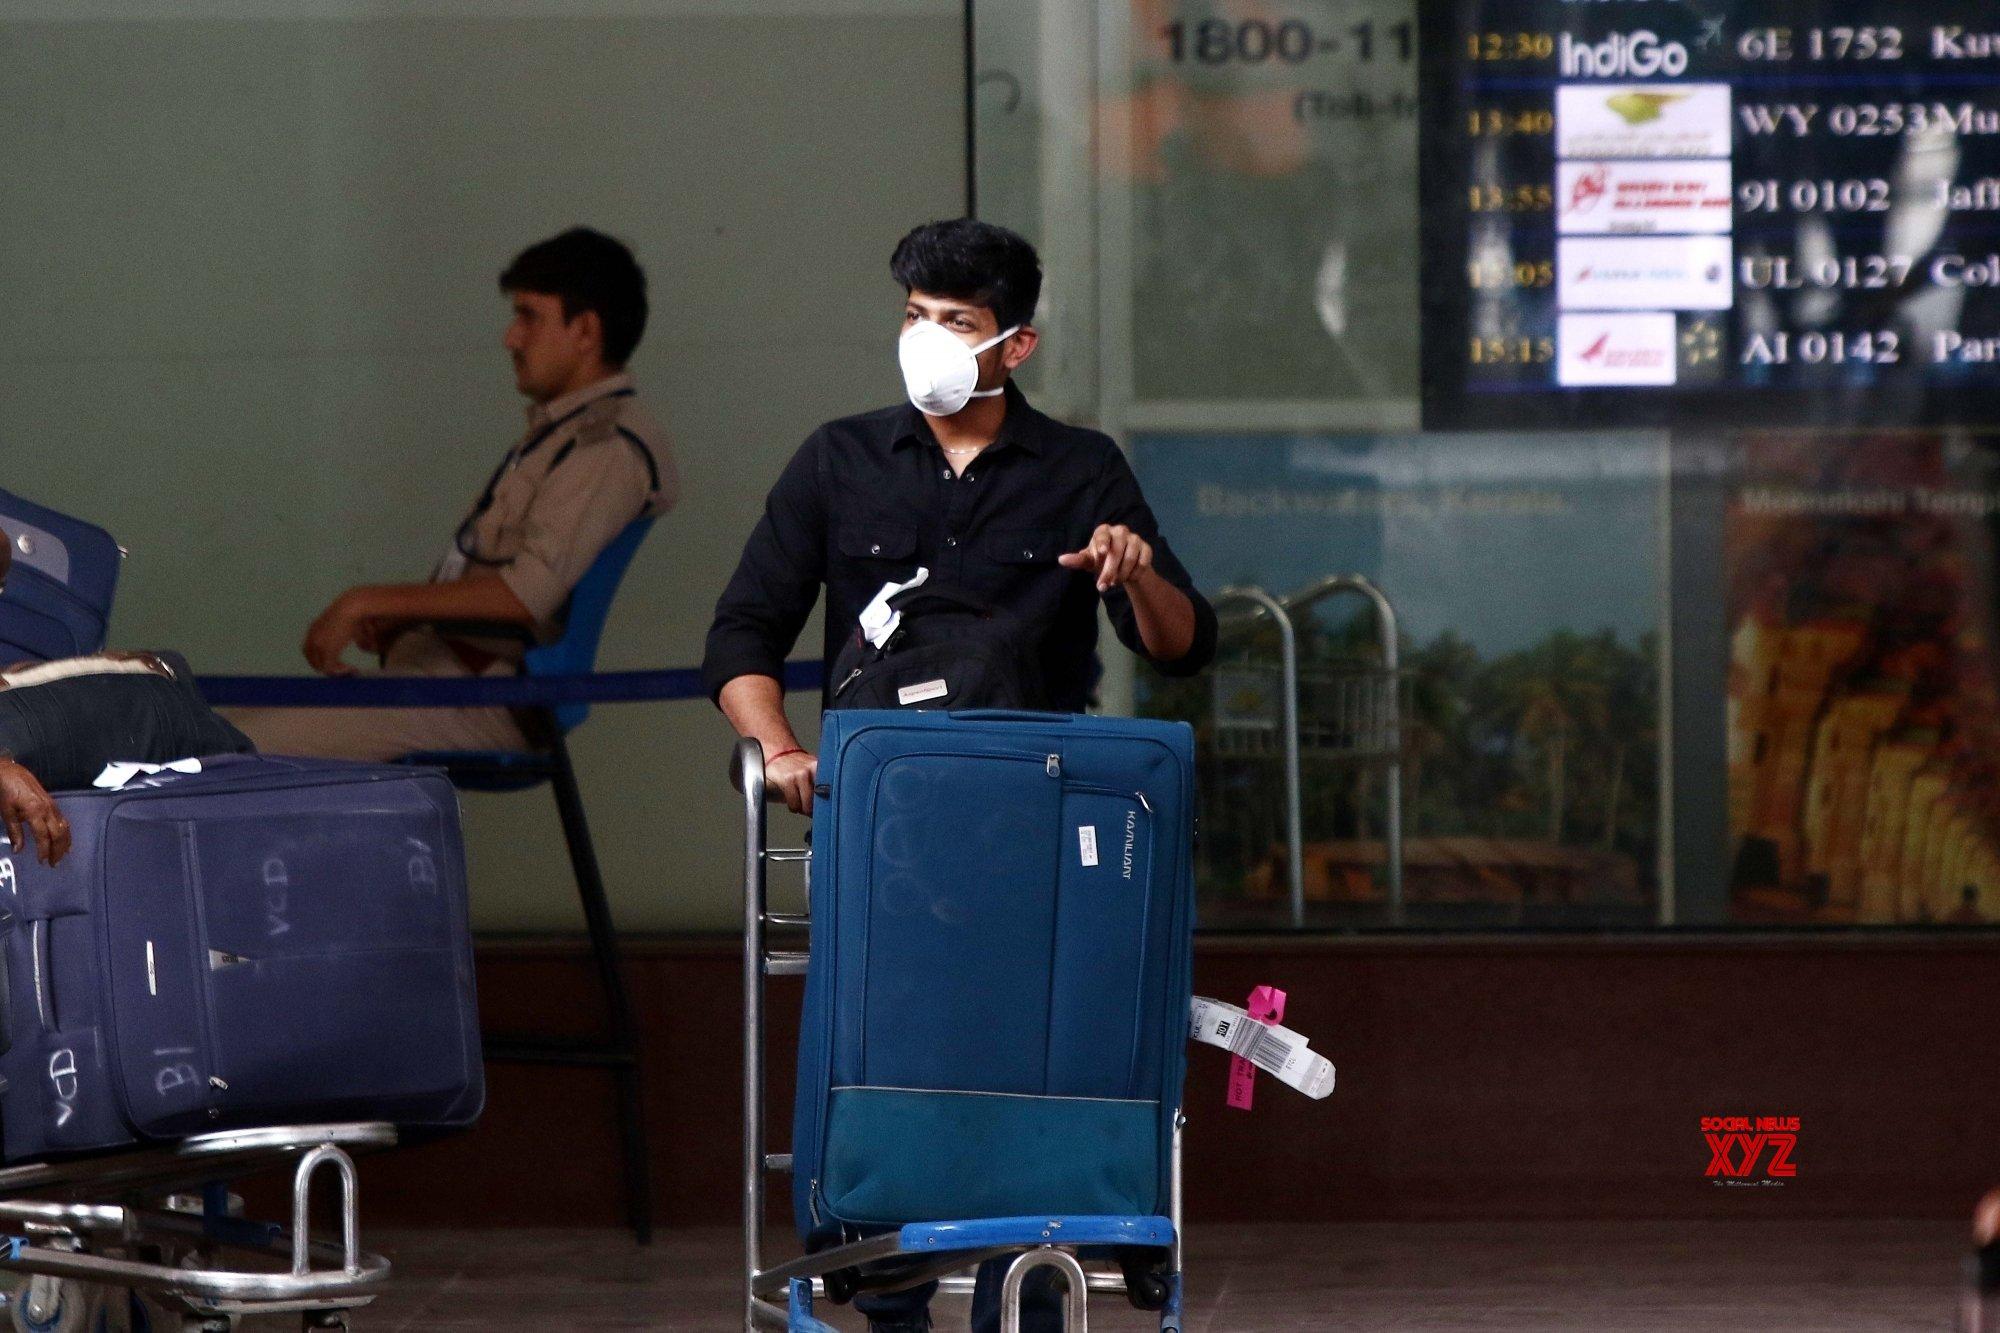 Chennai Air Customs seize narcotics worth Rs 1.65 crore